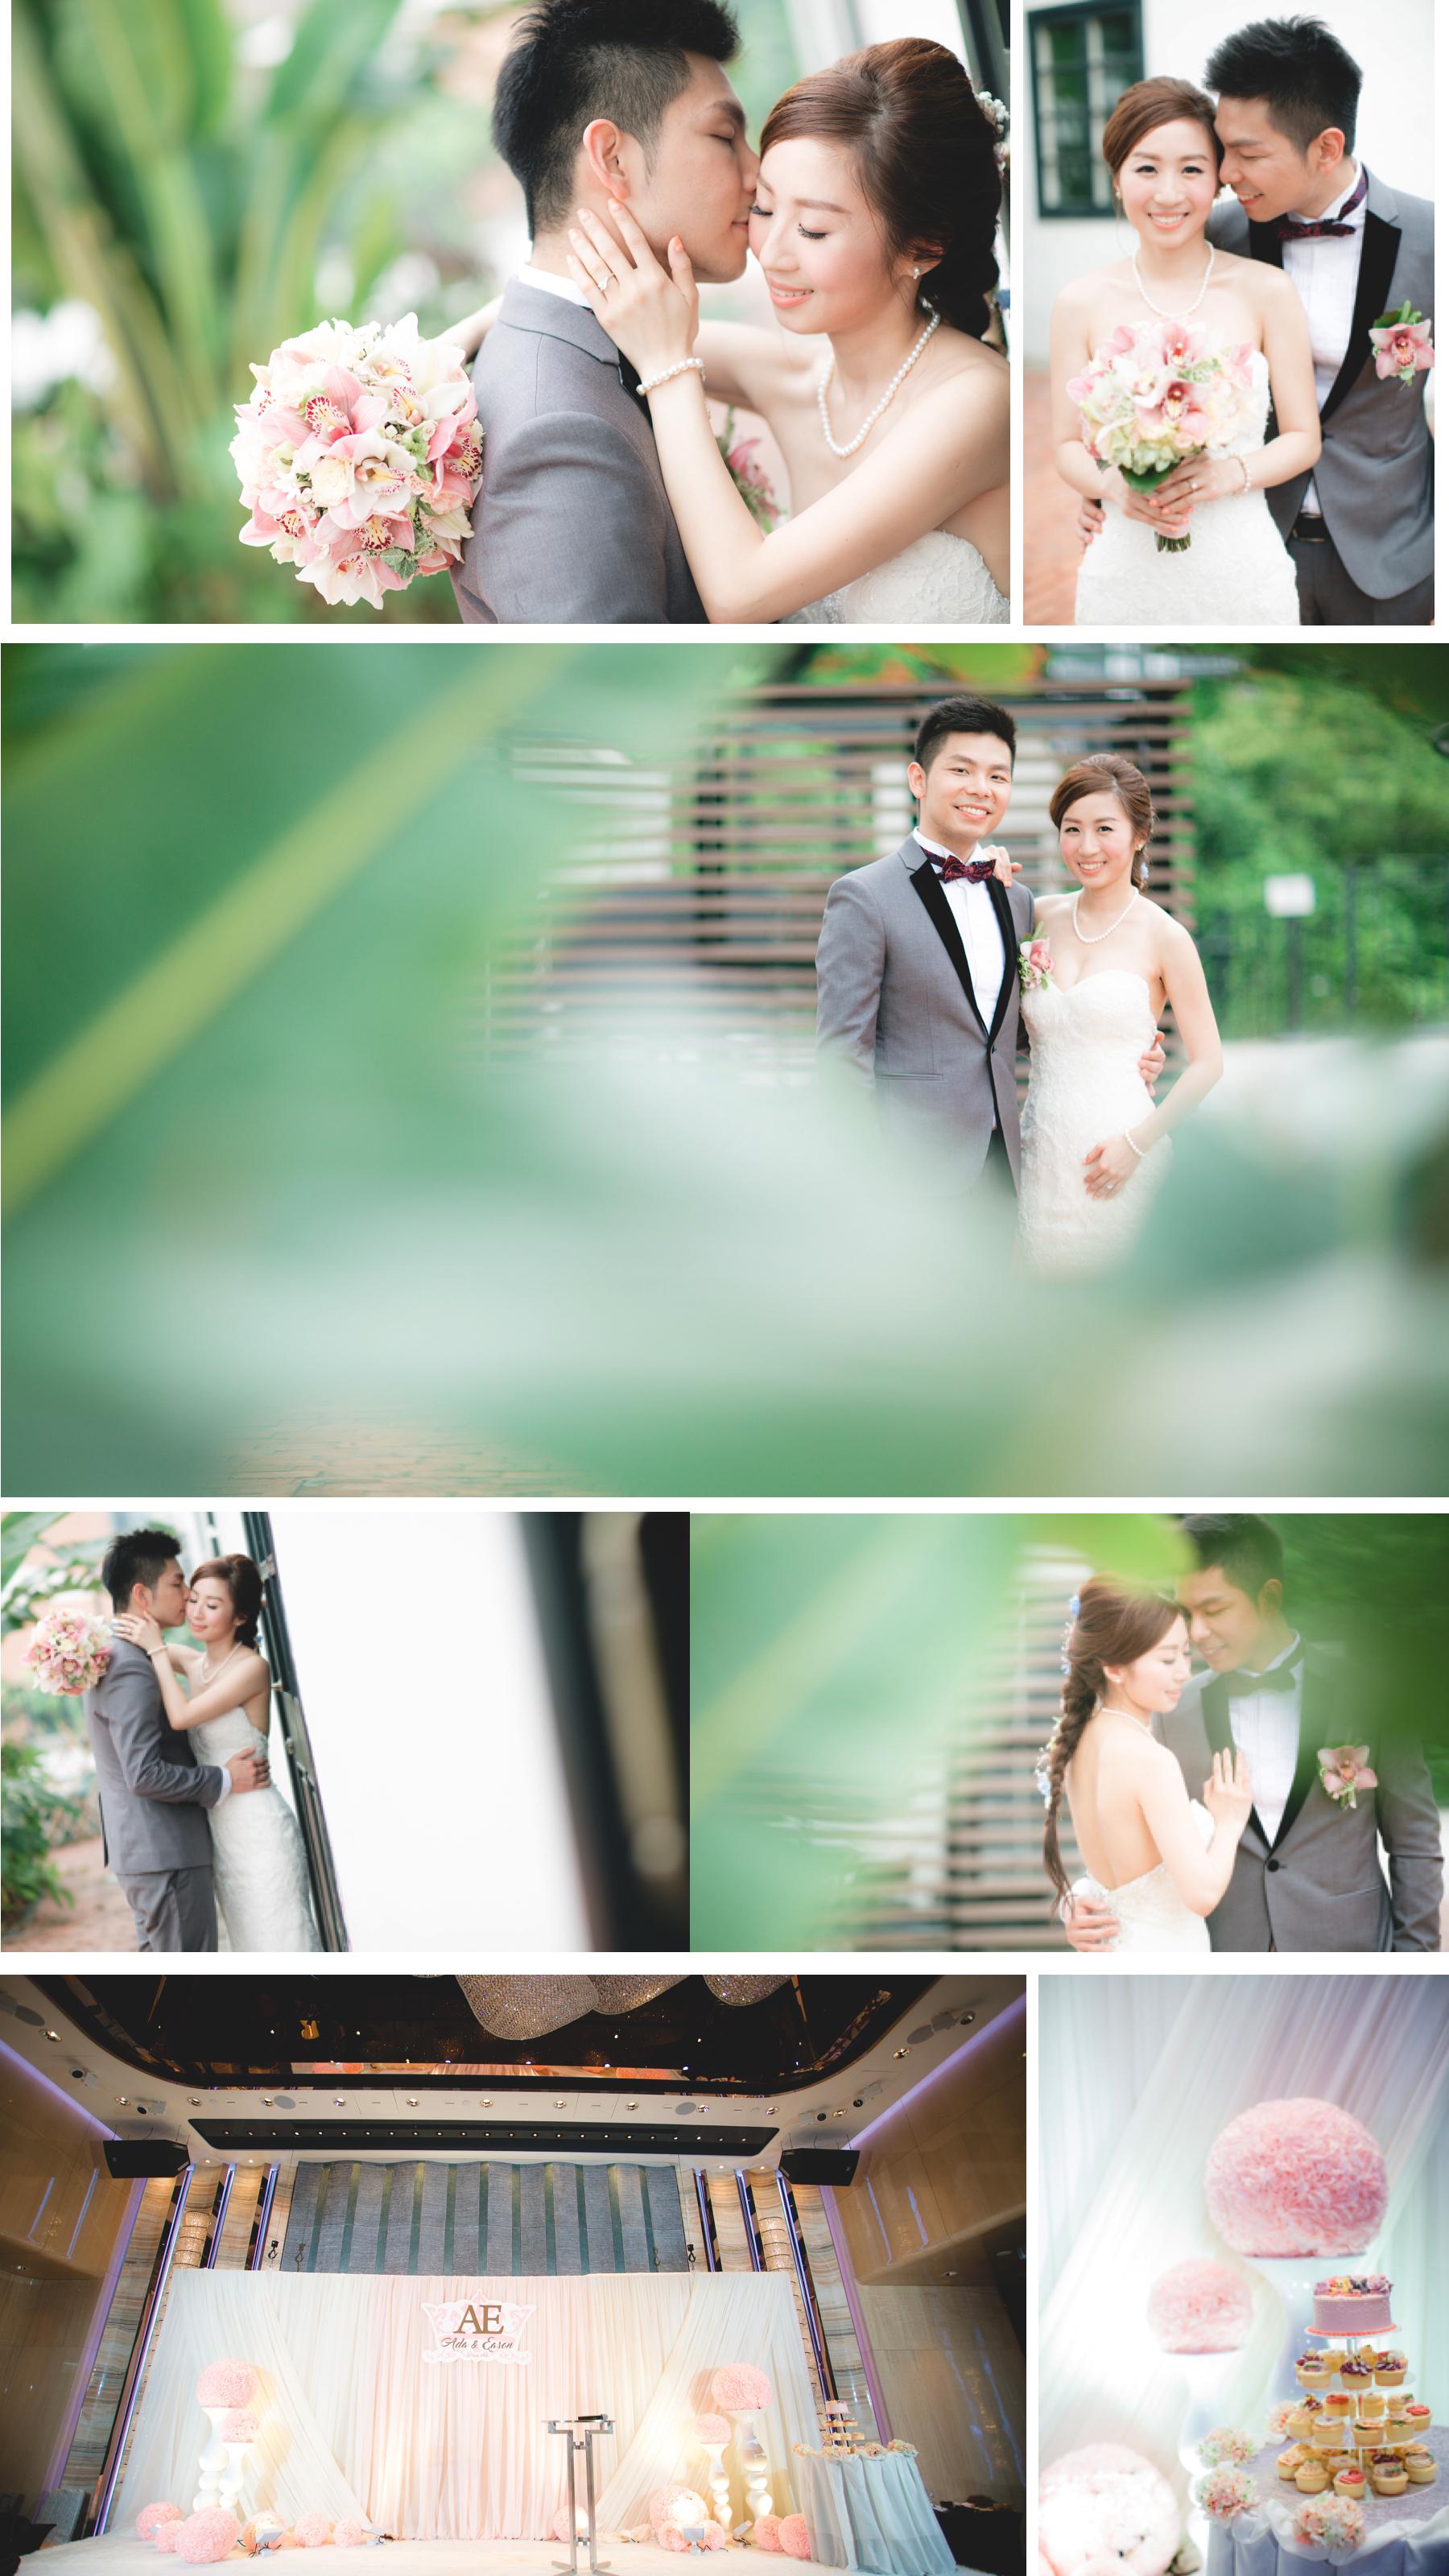 mingyungphoto-20160521-0026